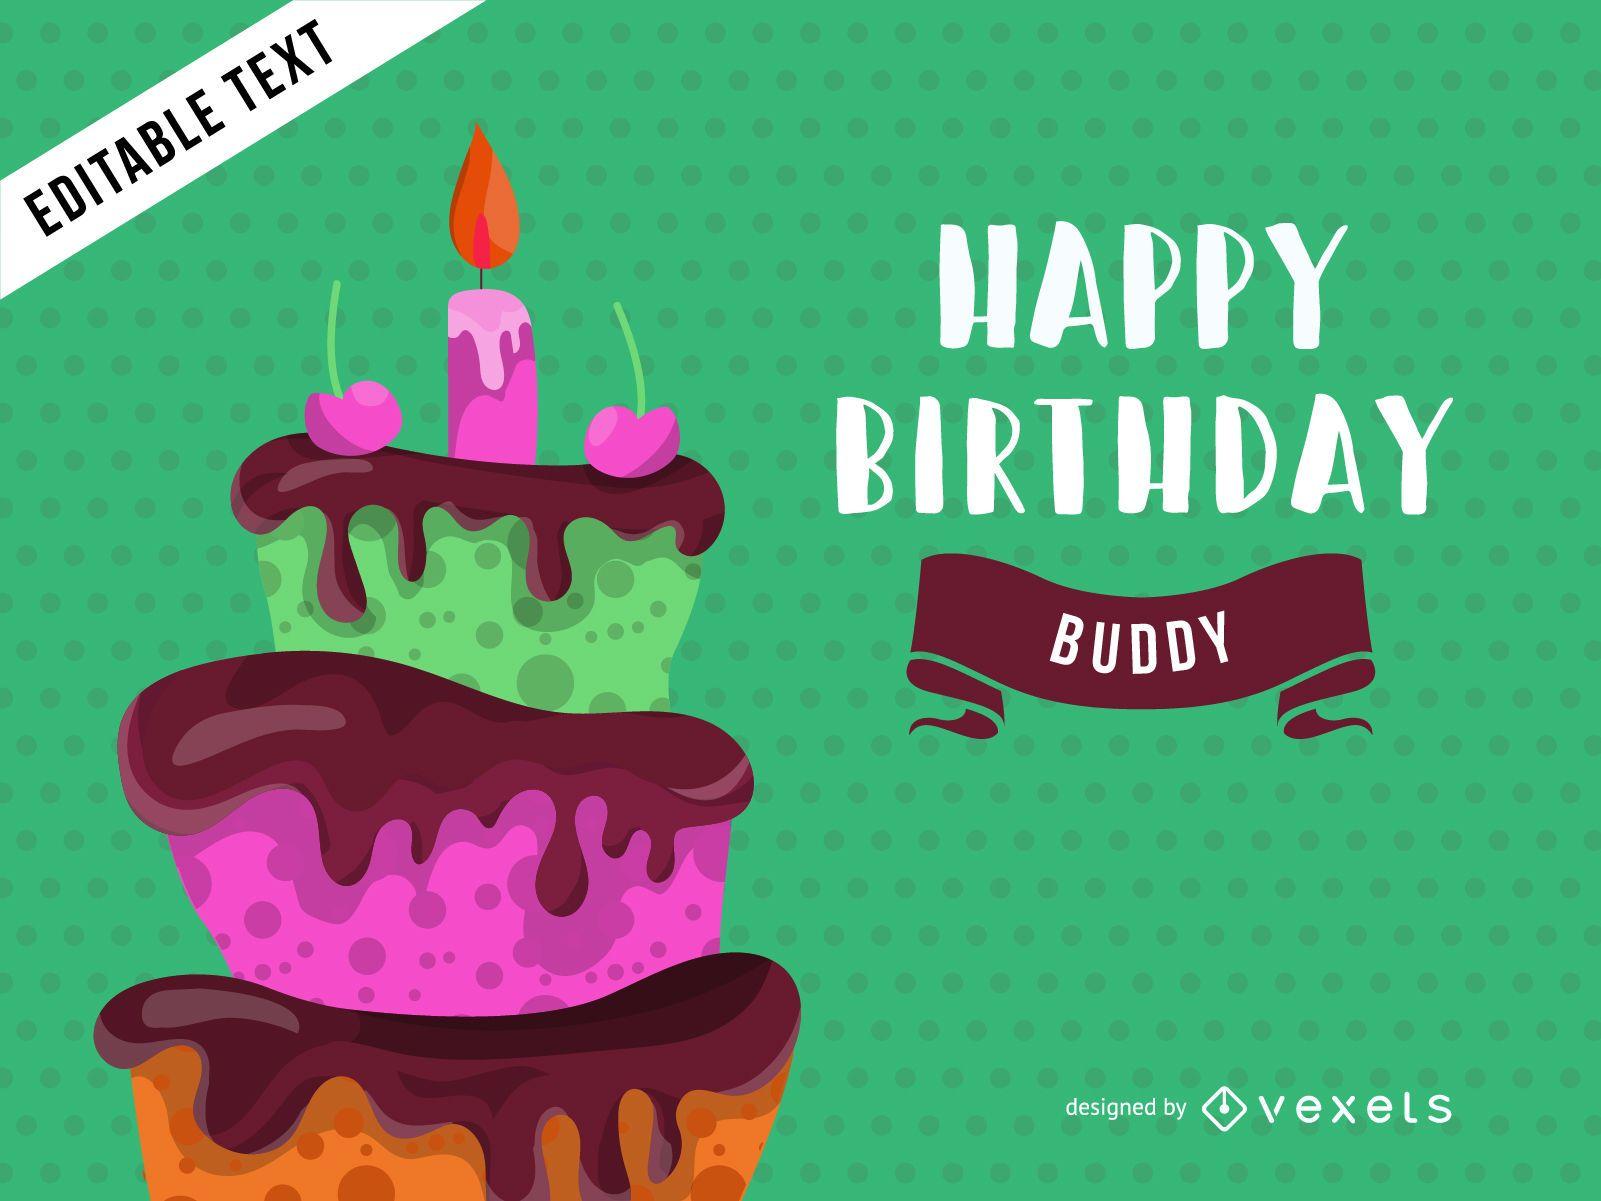 Diseño de tarjeta de felicitación de cumpleaños con pastel.